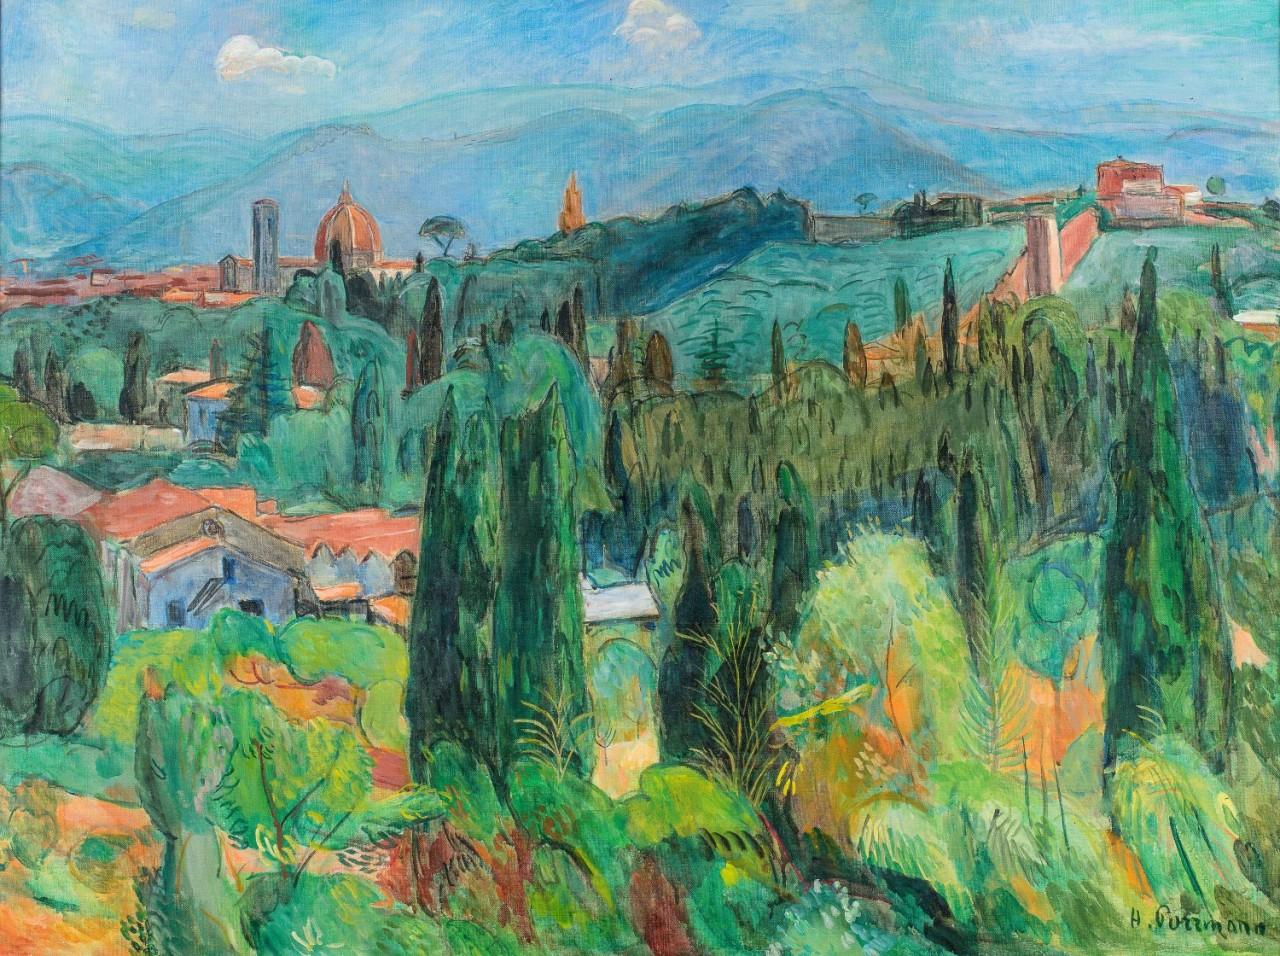 thunderstruck9:Hans Purrmann (German, 1880–1966), Blick auf die Boboli-Gärten [View of the Boboli Gardens], 1943. Oil on canvas, 69 x 94 cm.